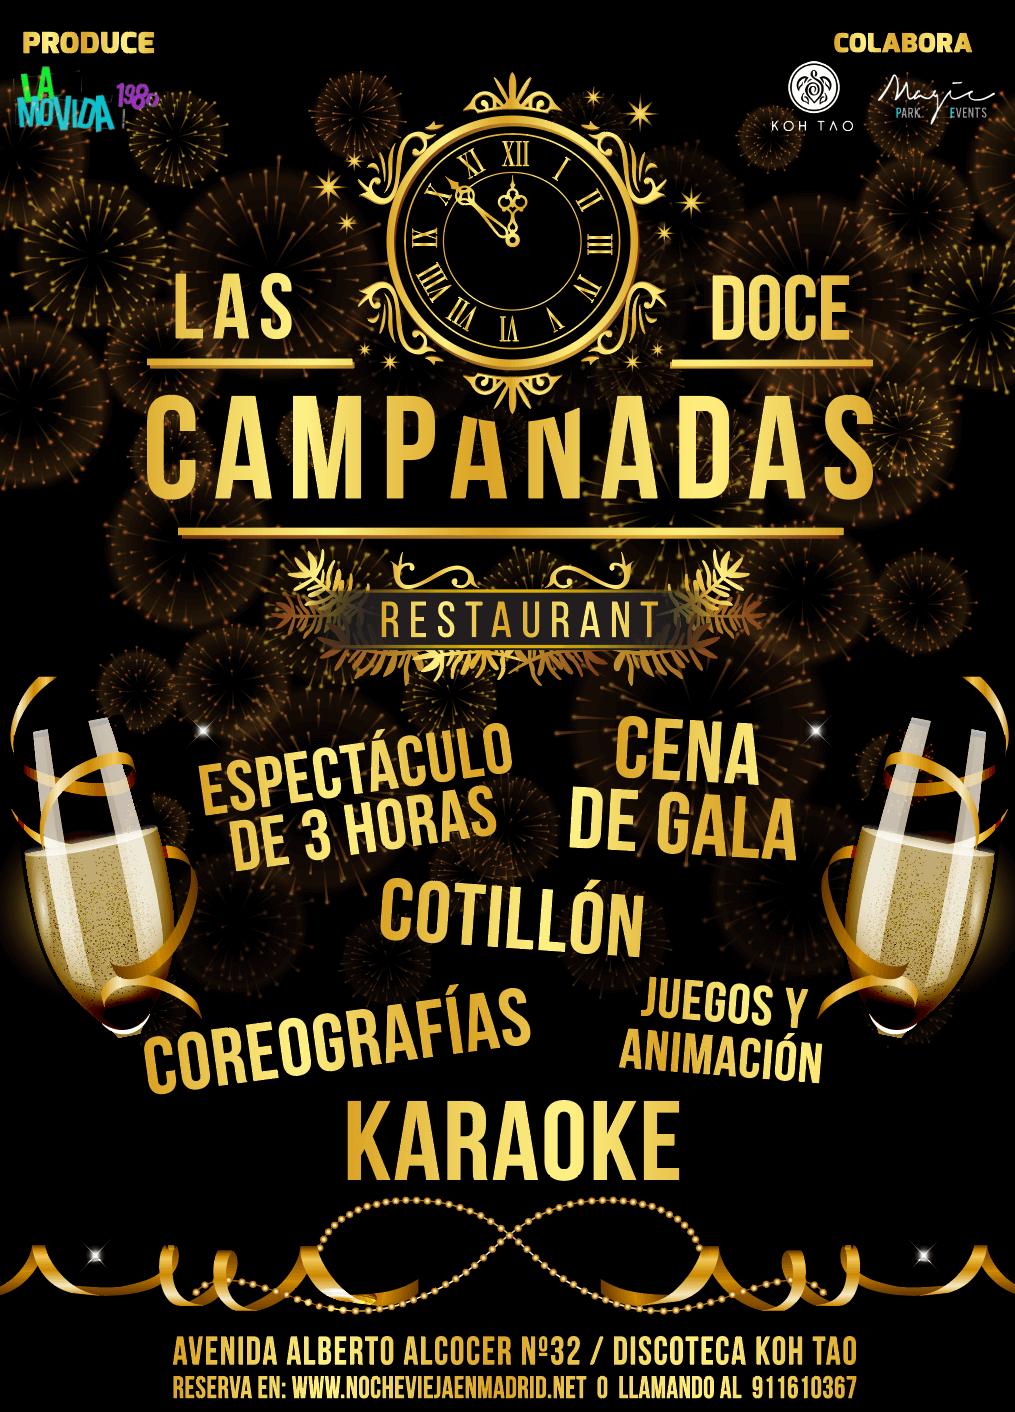 cartel_las doce campanadas